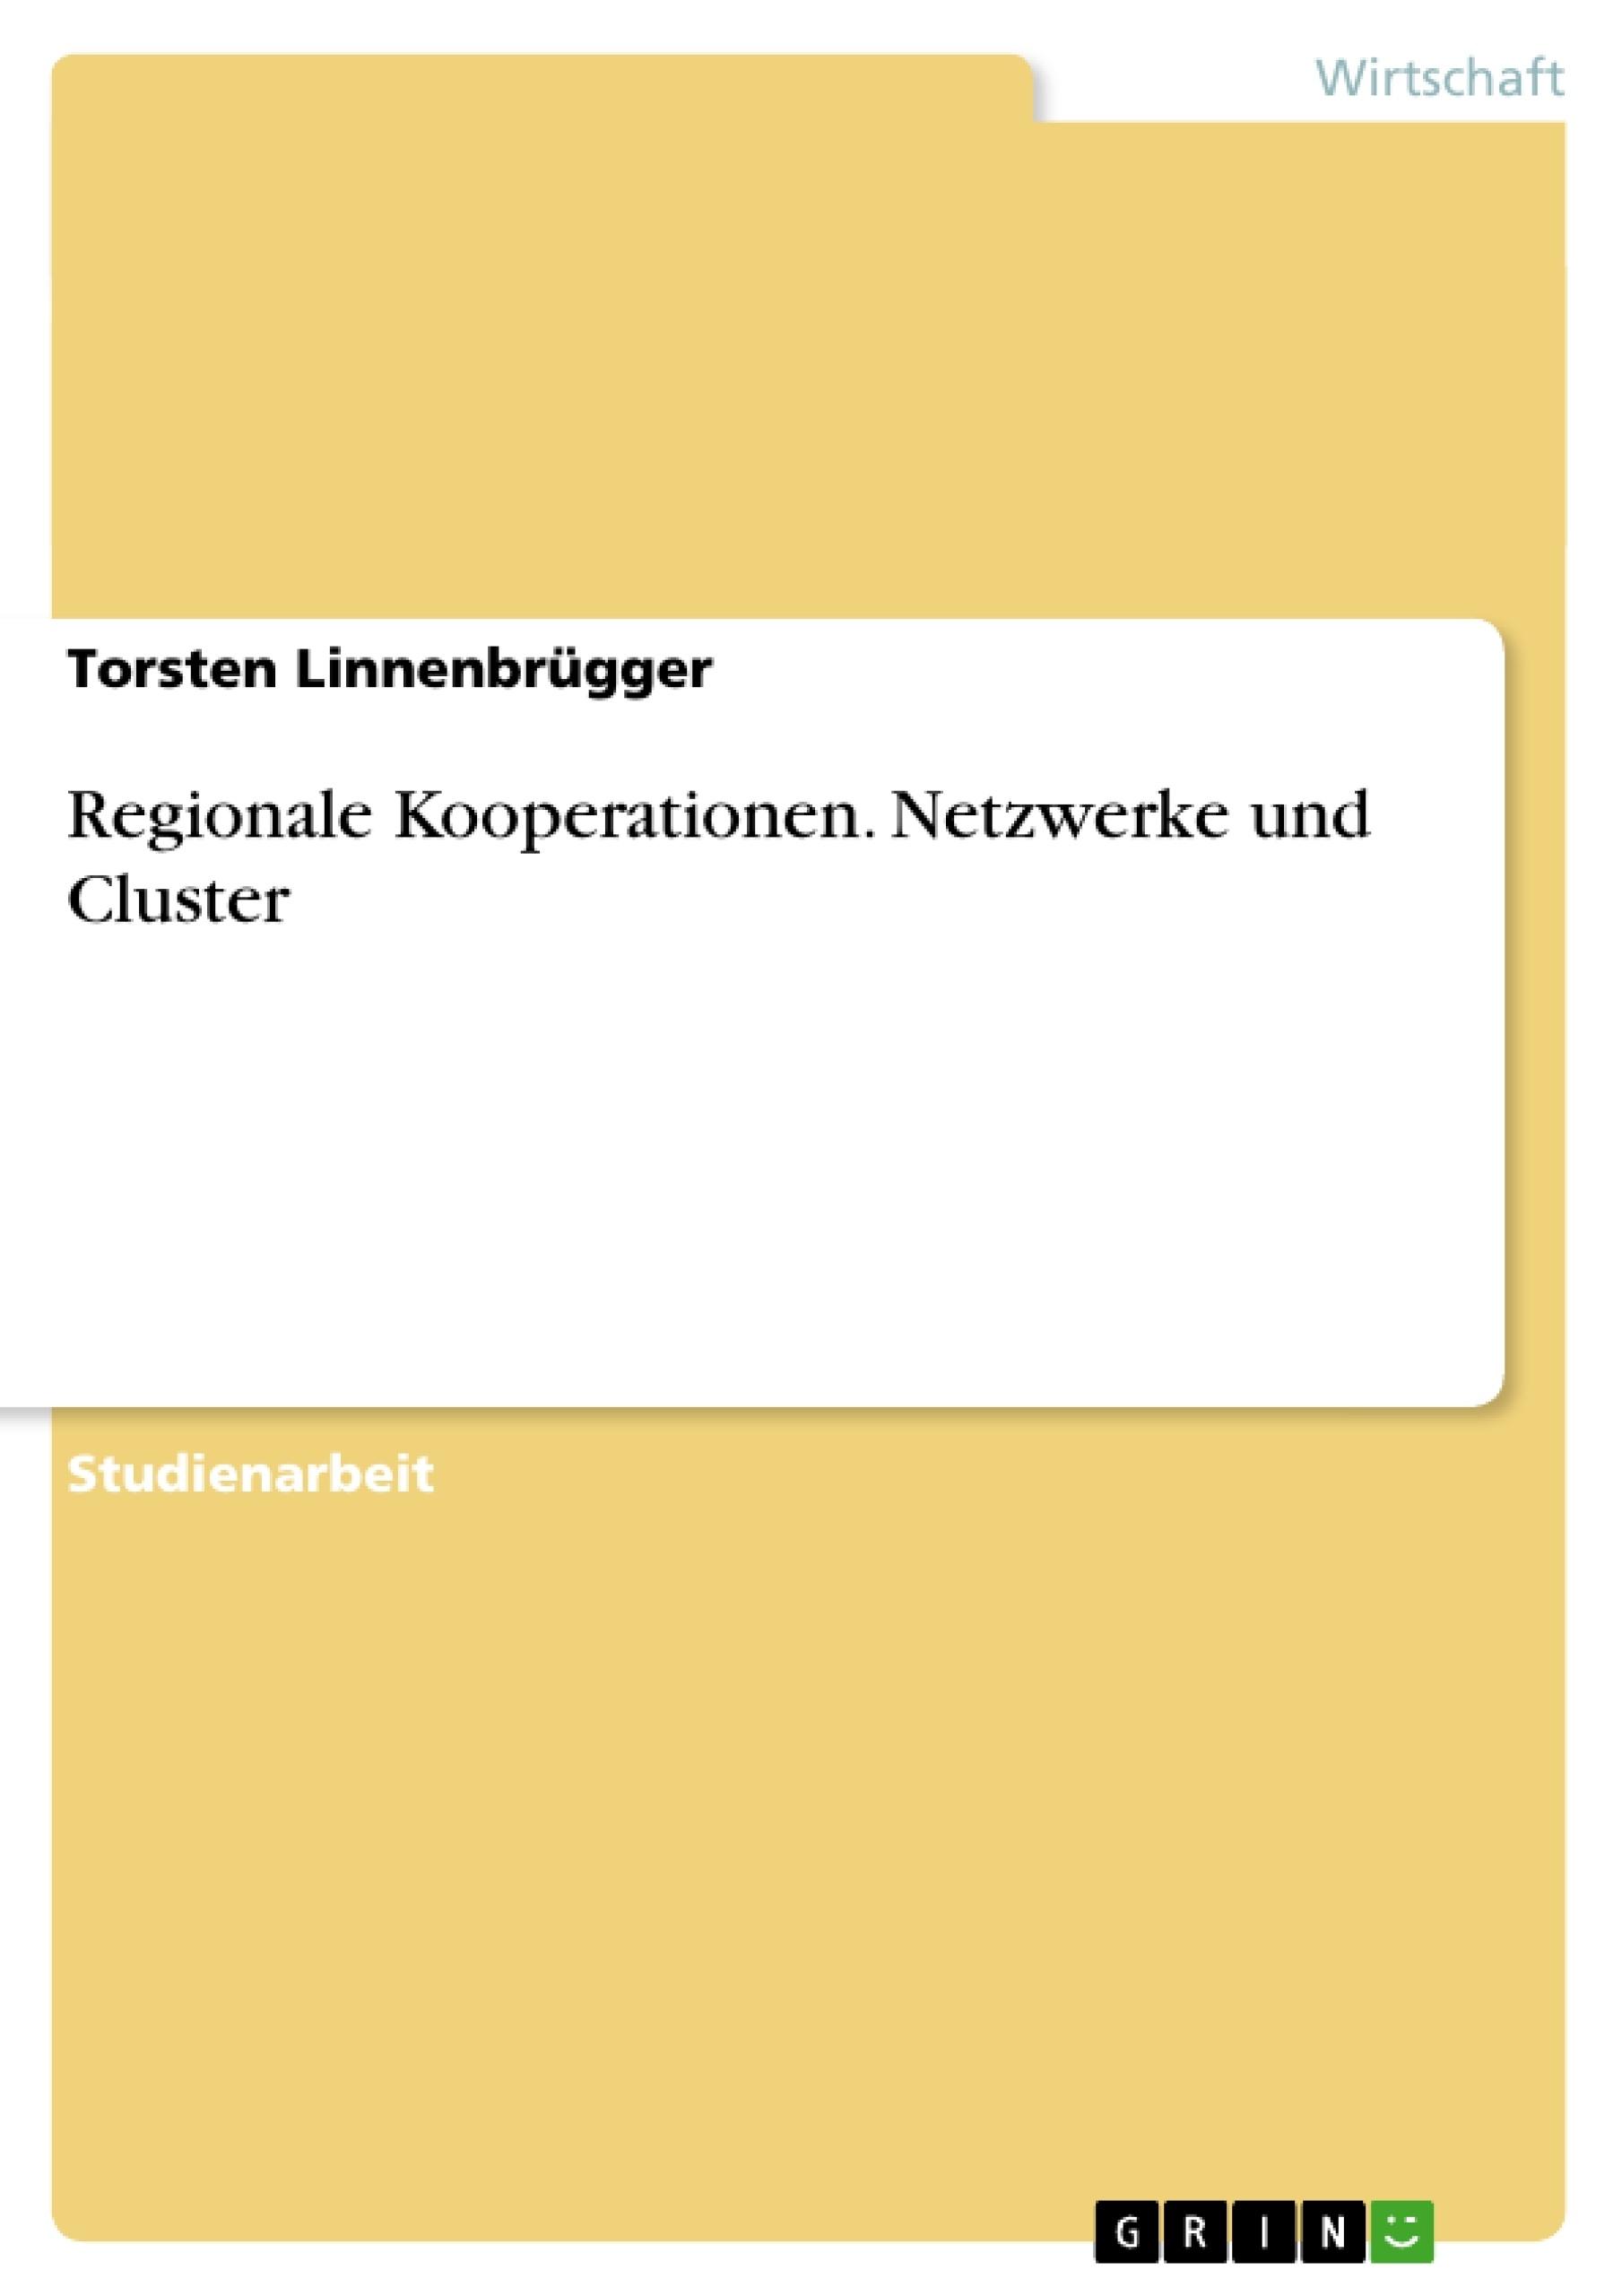 Titel: Regionale Kooperationen. Netzwerke und Cluster